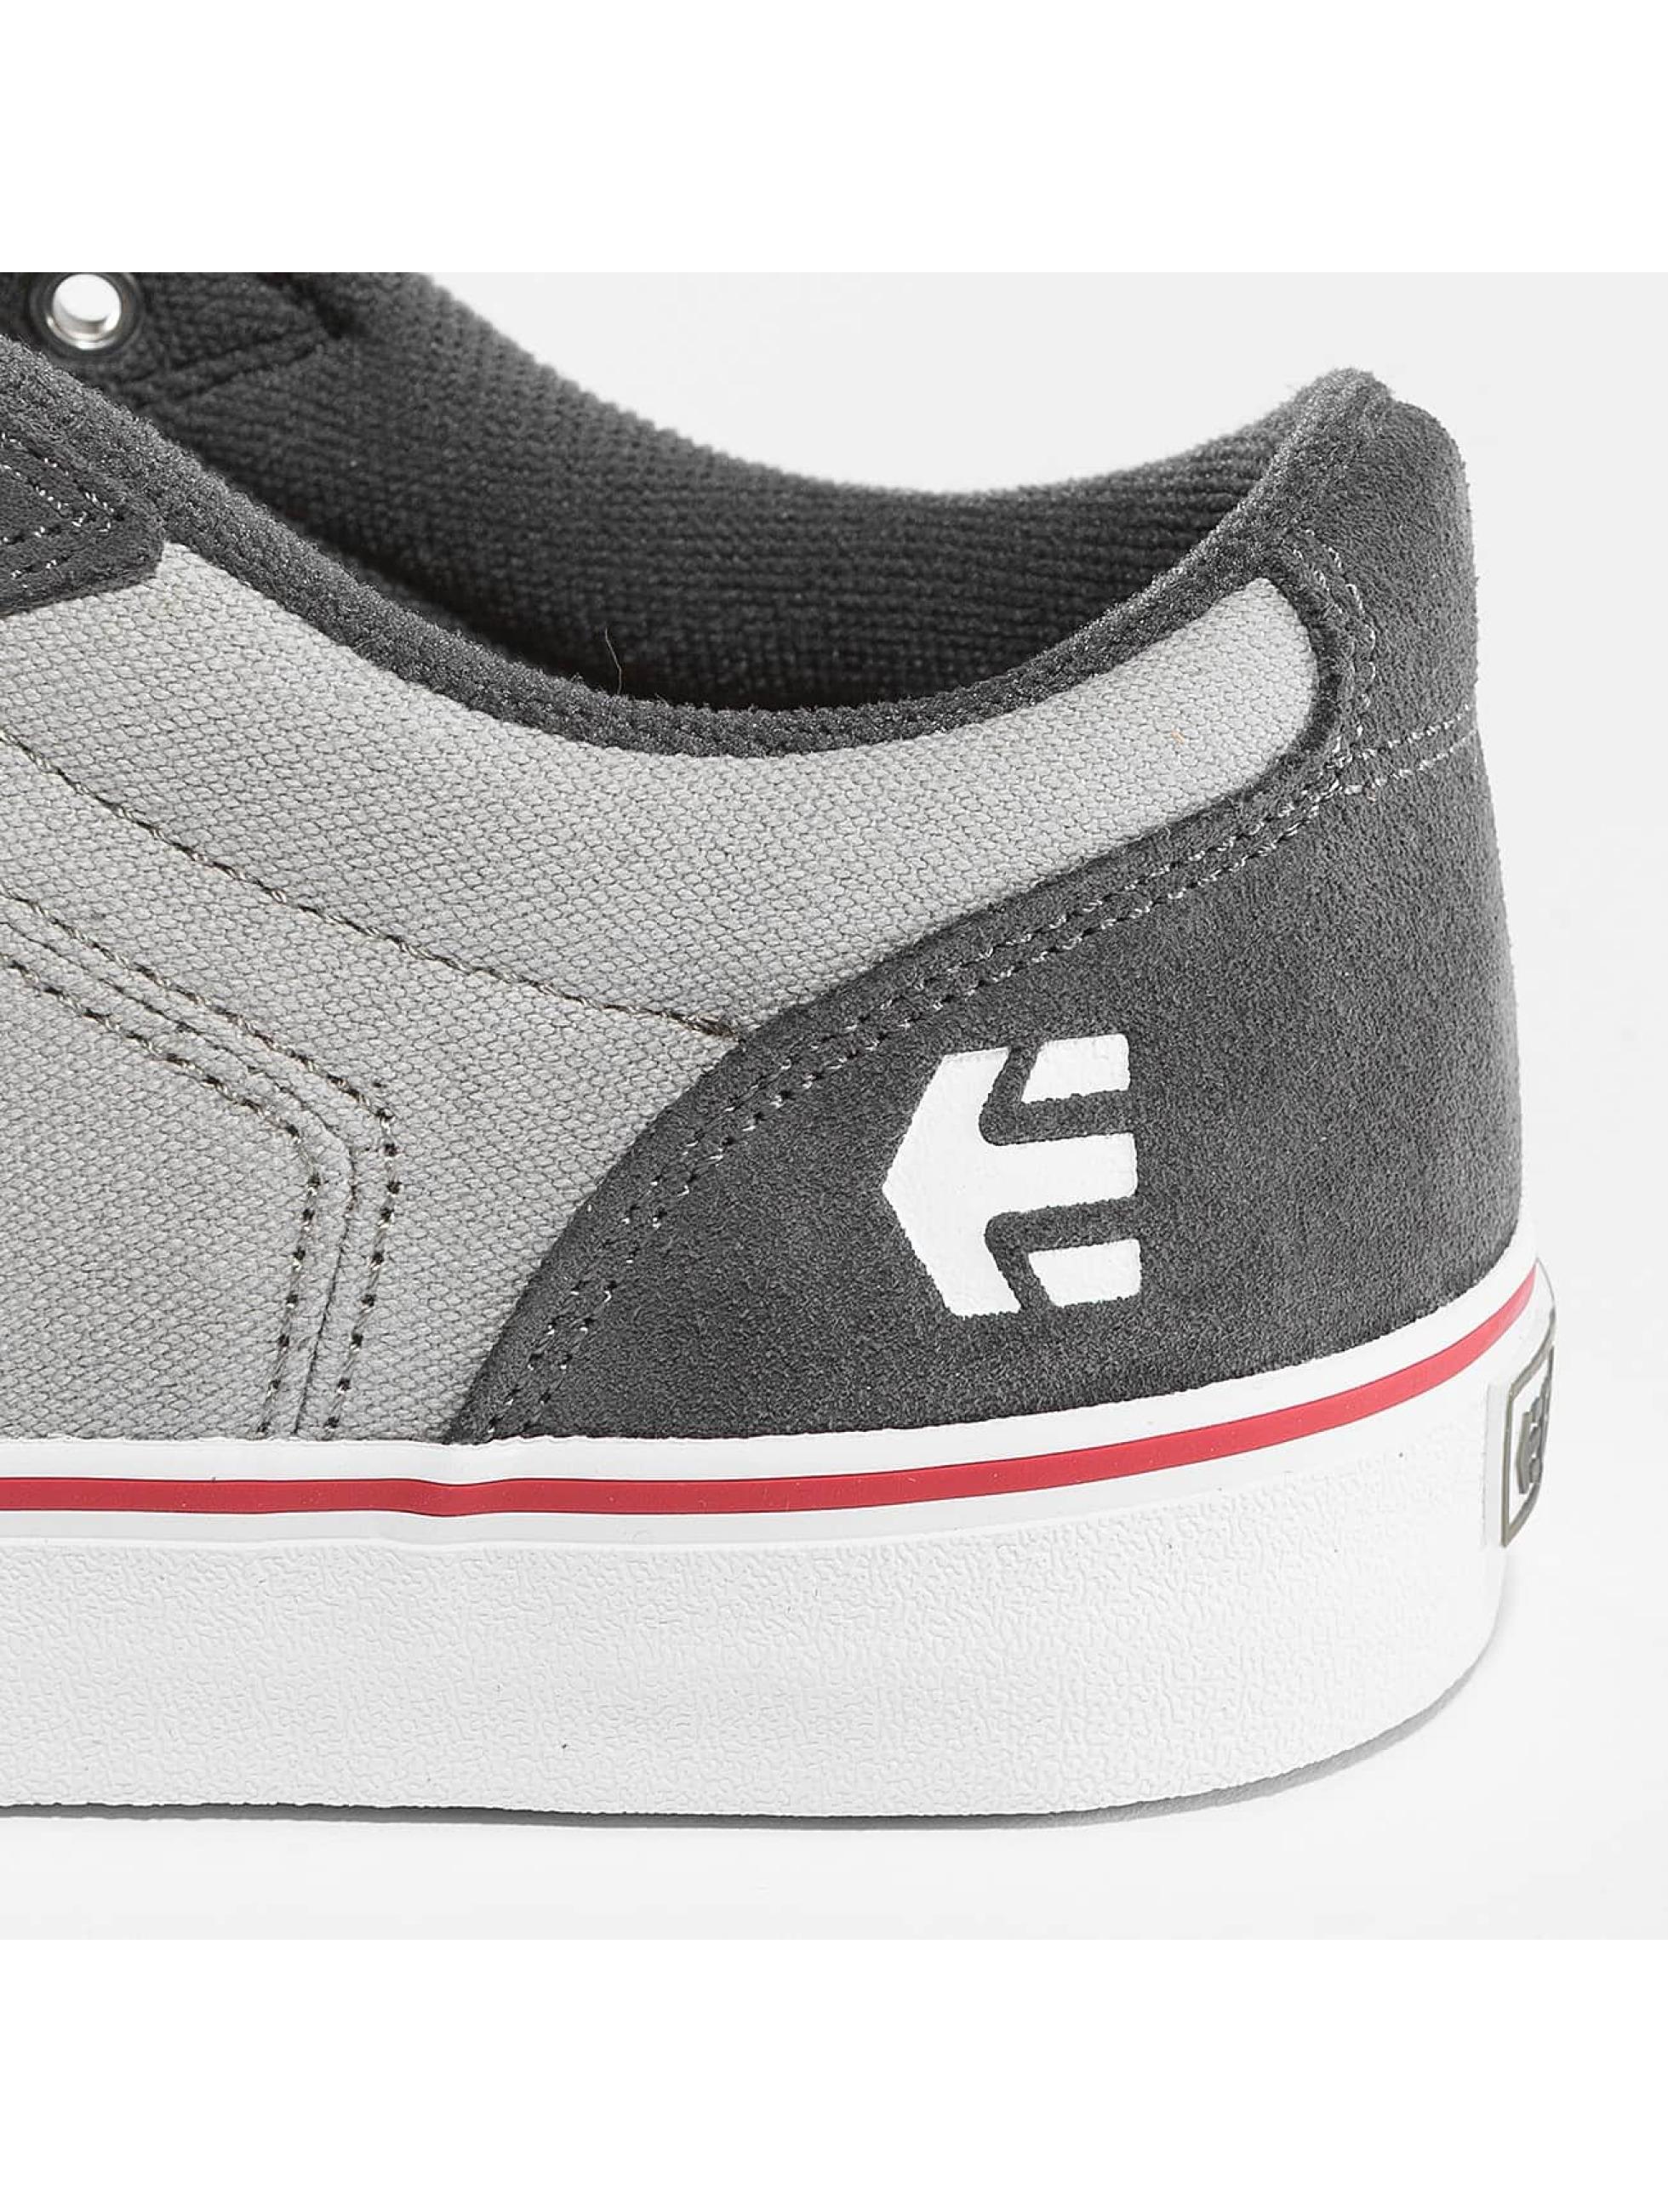 Etnies sneaker Barge LS grijs